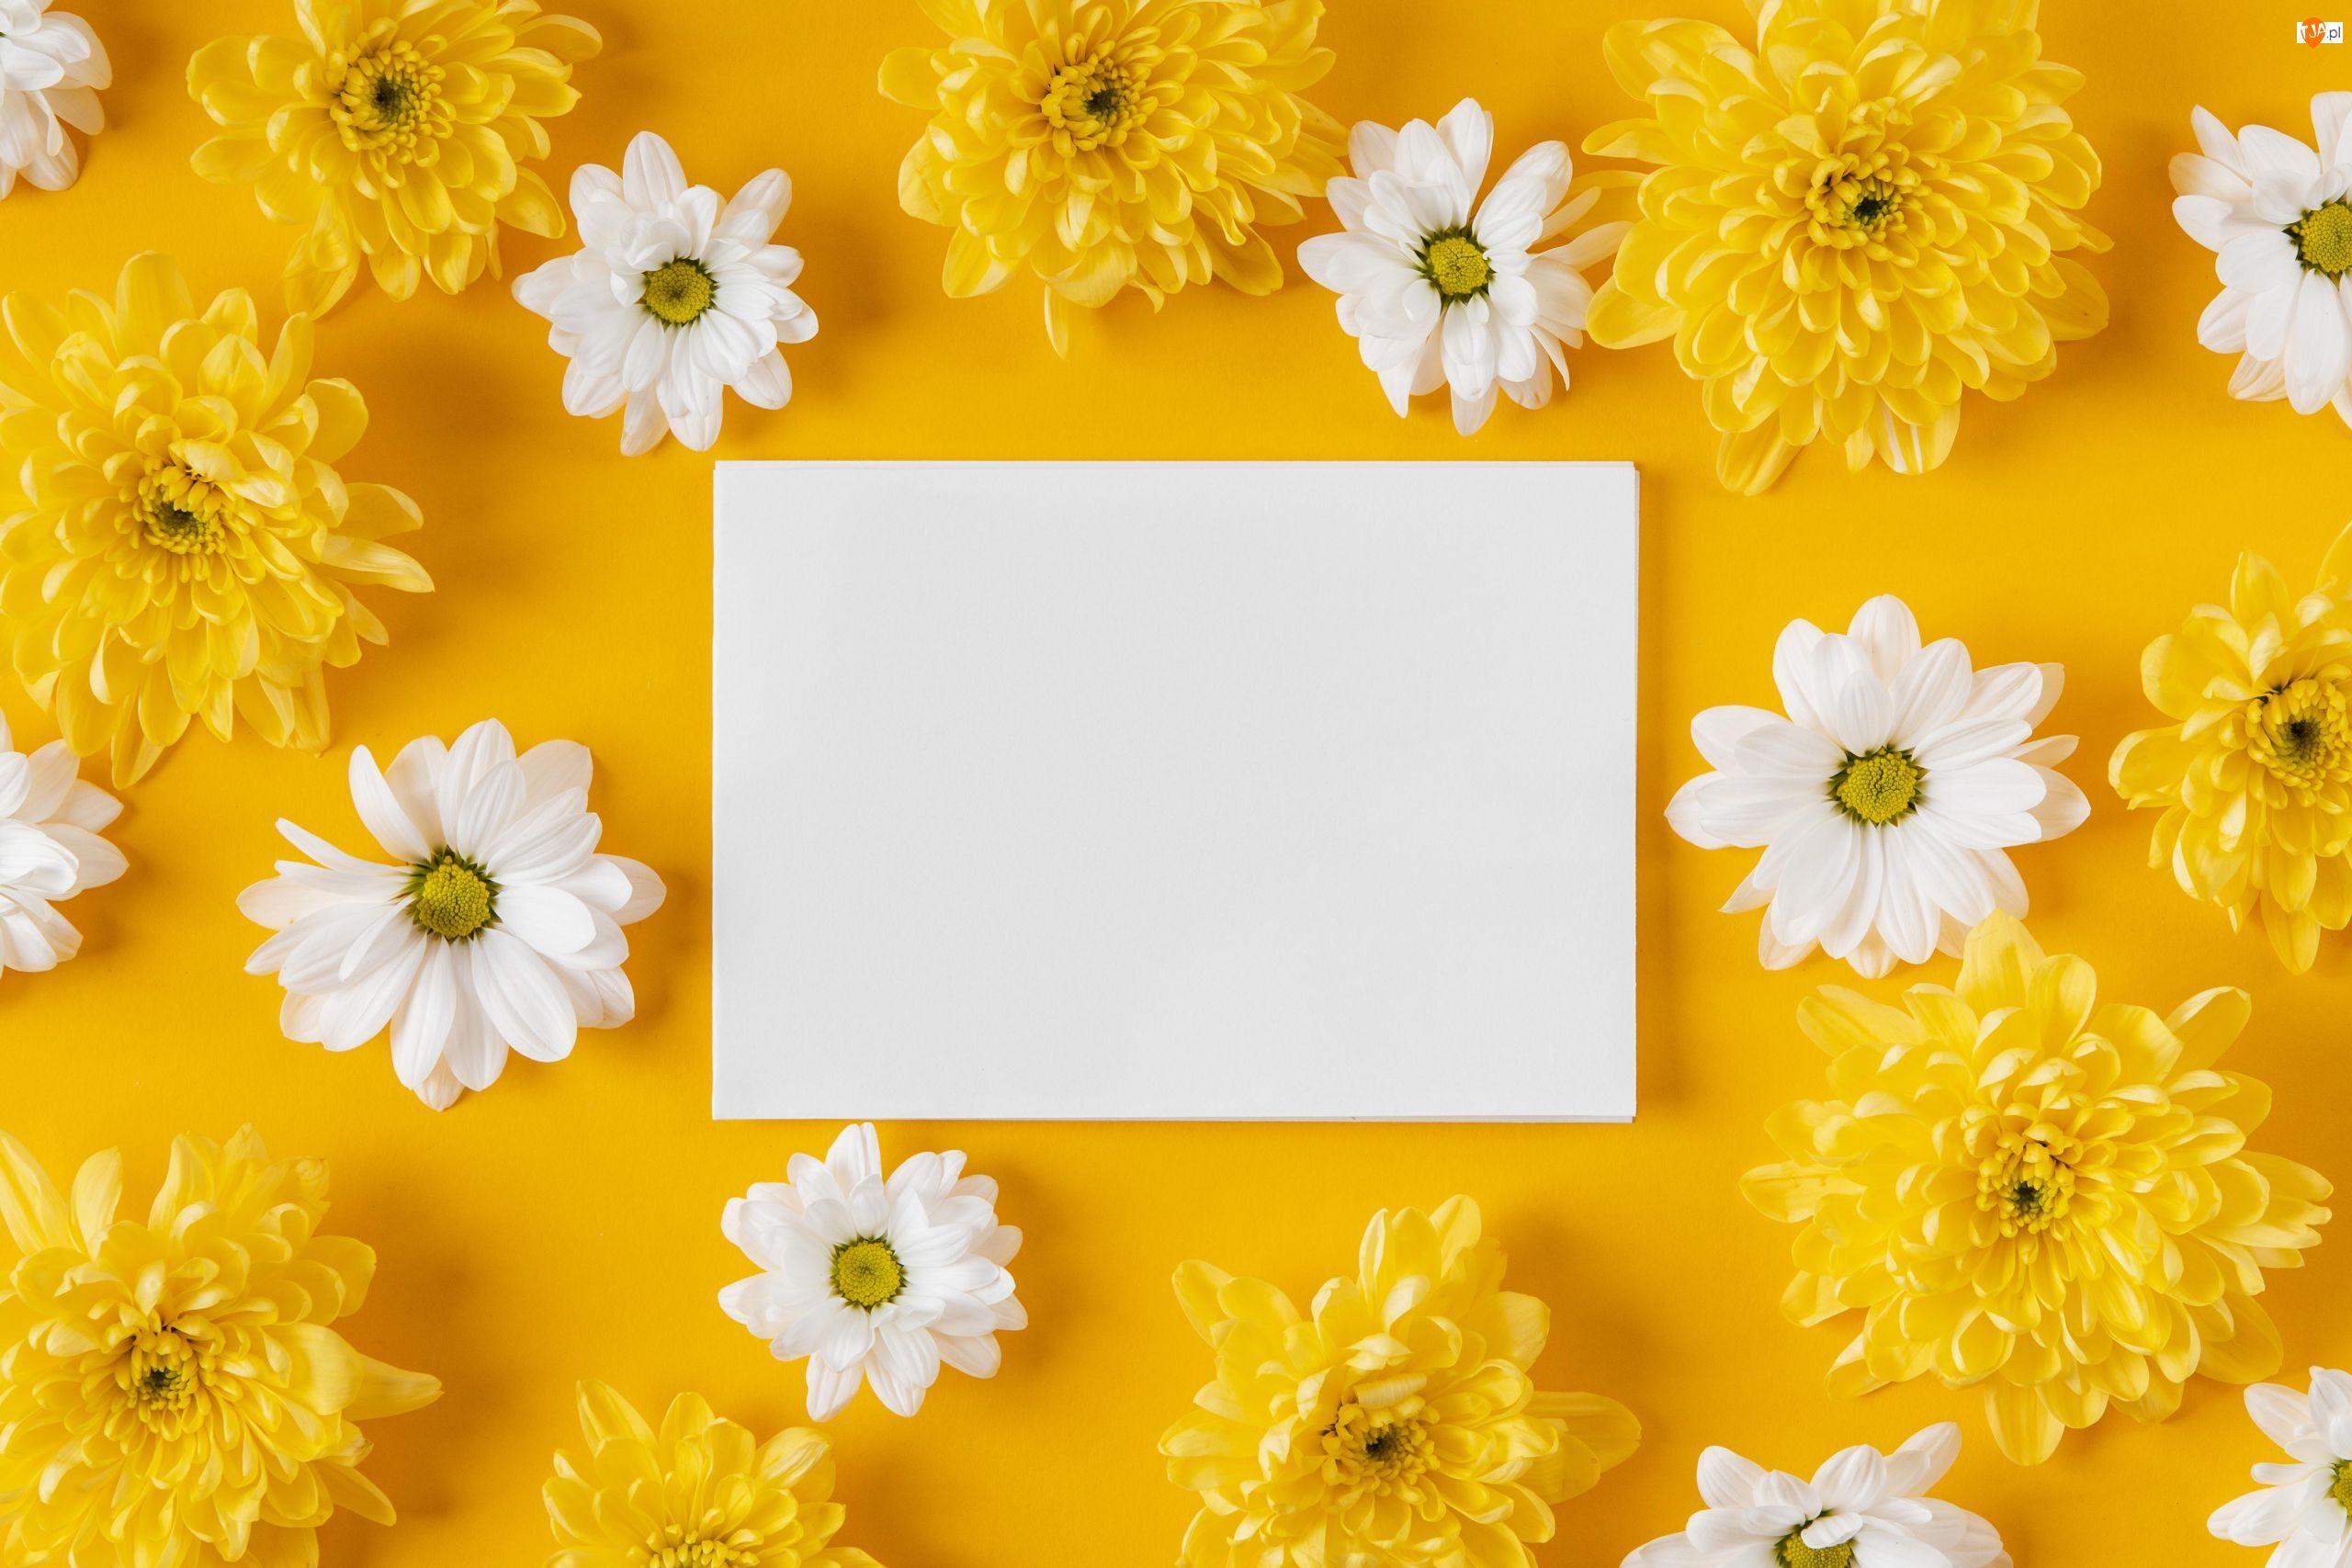 Kartka, Białe, Chryzantemy, Żółte, Żółte, Biała, Tło, Kwiaty